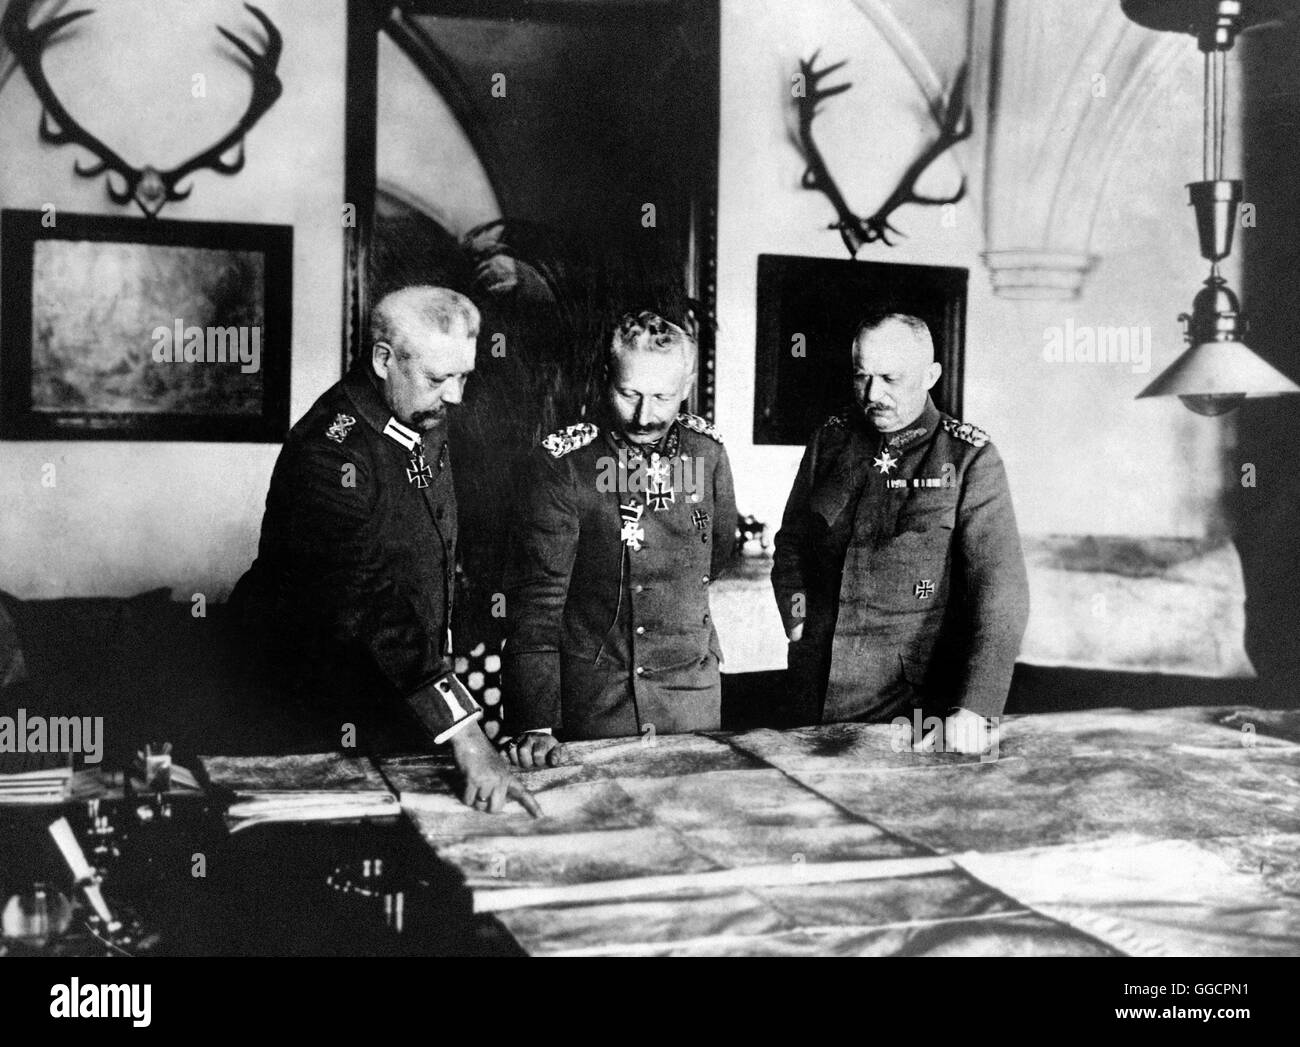 Generalfeldmarschall Paul von Hindenburg, Kaiser Wilhelm II, and General Erich Ludendorff.  Photo c.1917 - Stock Image